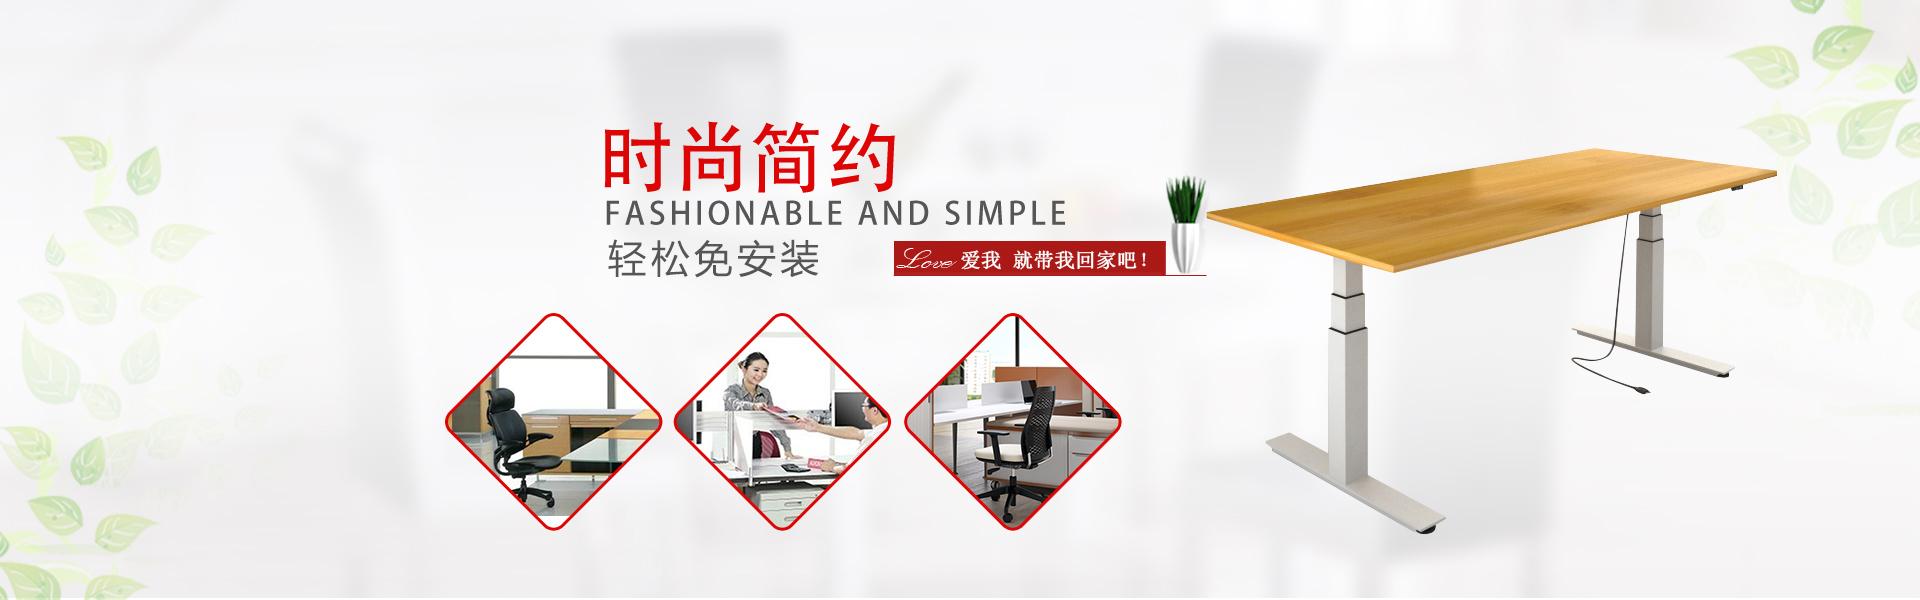 北京世纪京泰家具有限公司